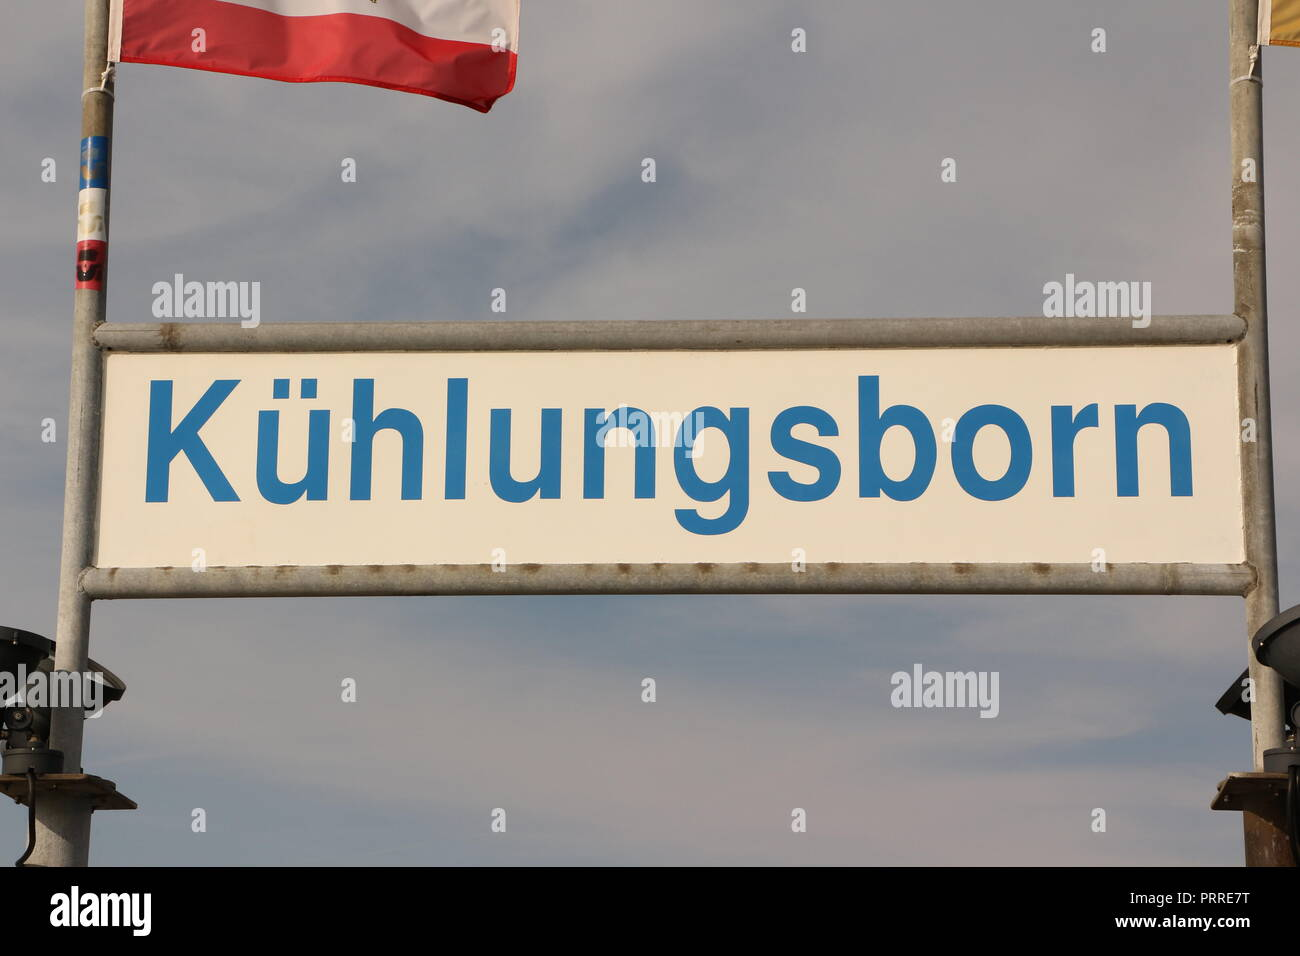 Im Wald zwischen Kühlungsborn-Ost und Kühlungsborn-West - Stock Image